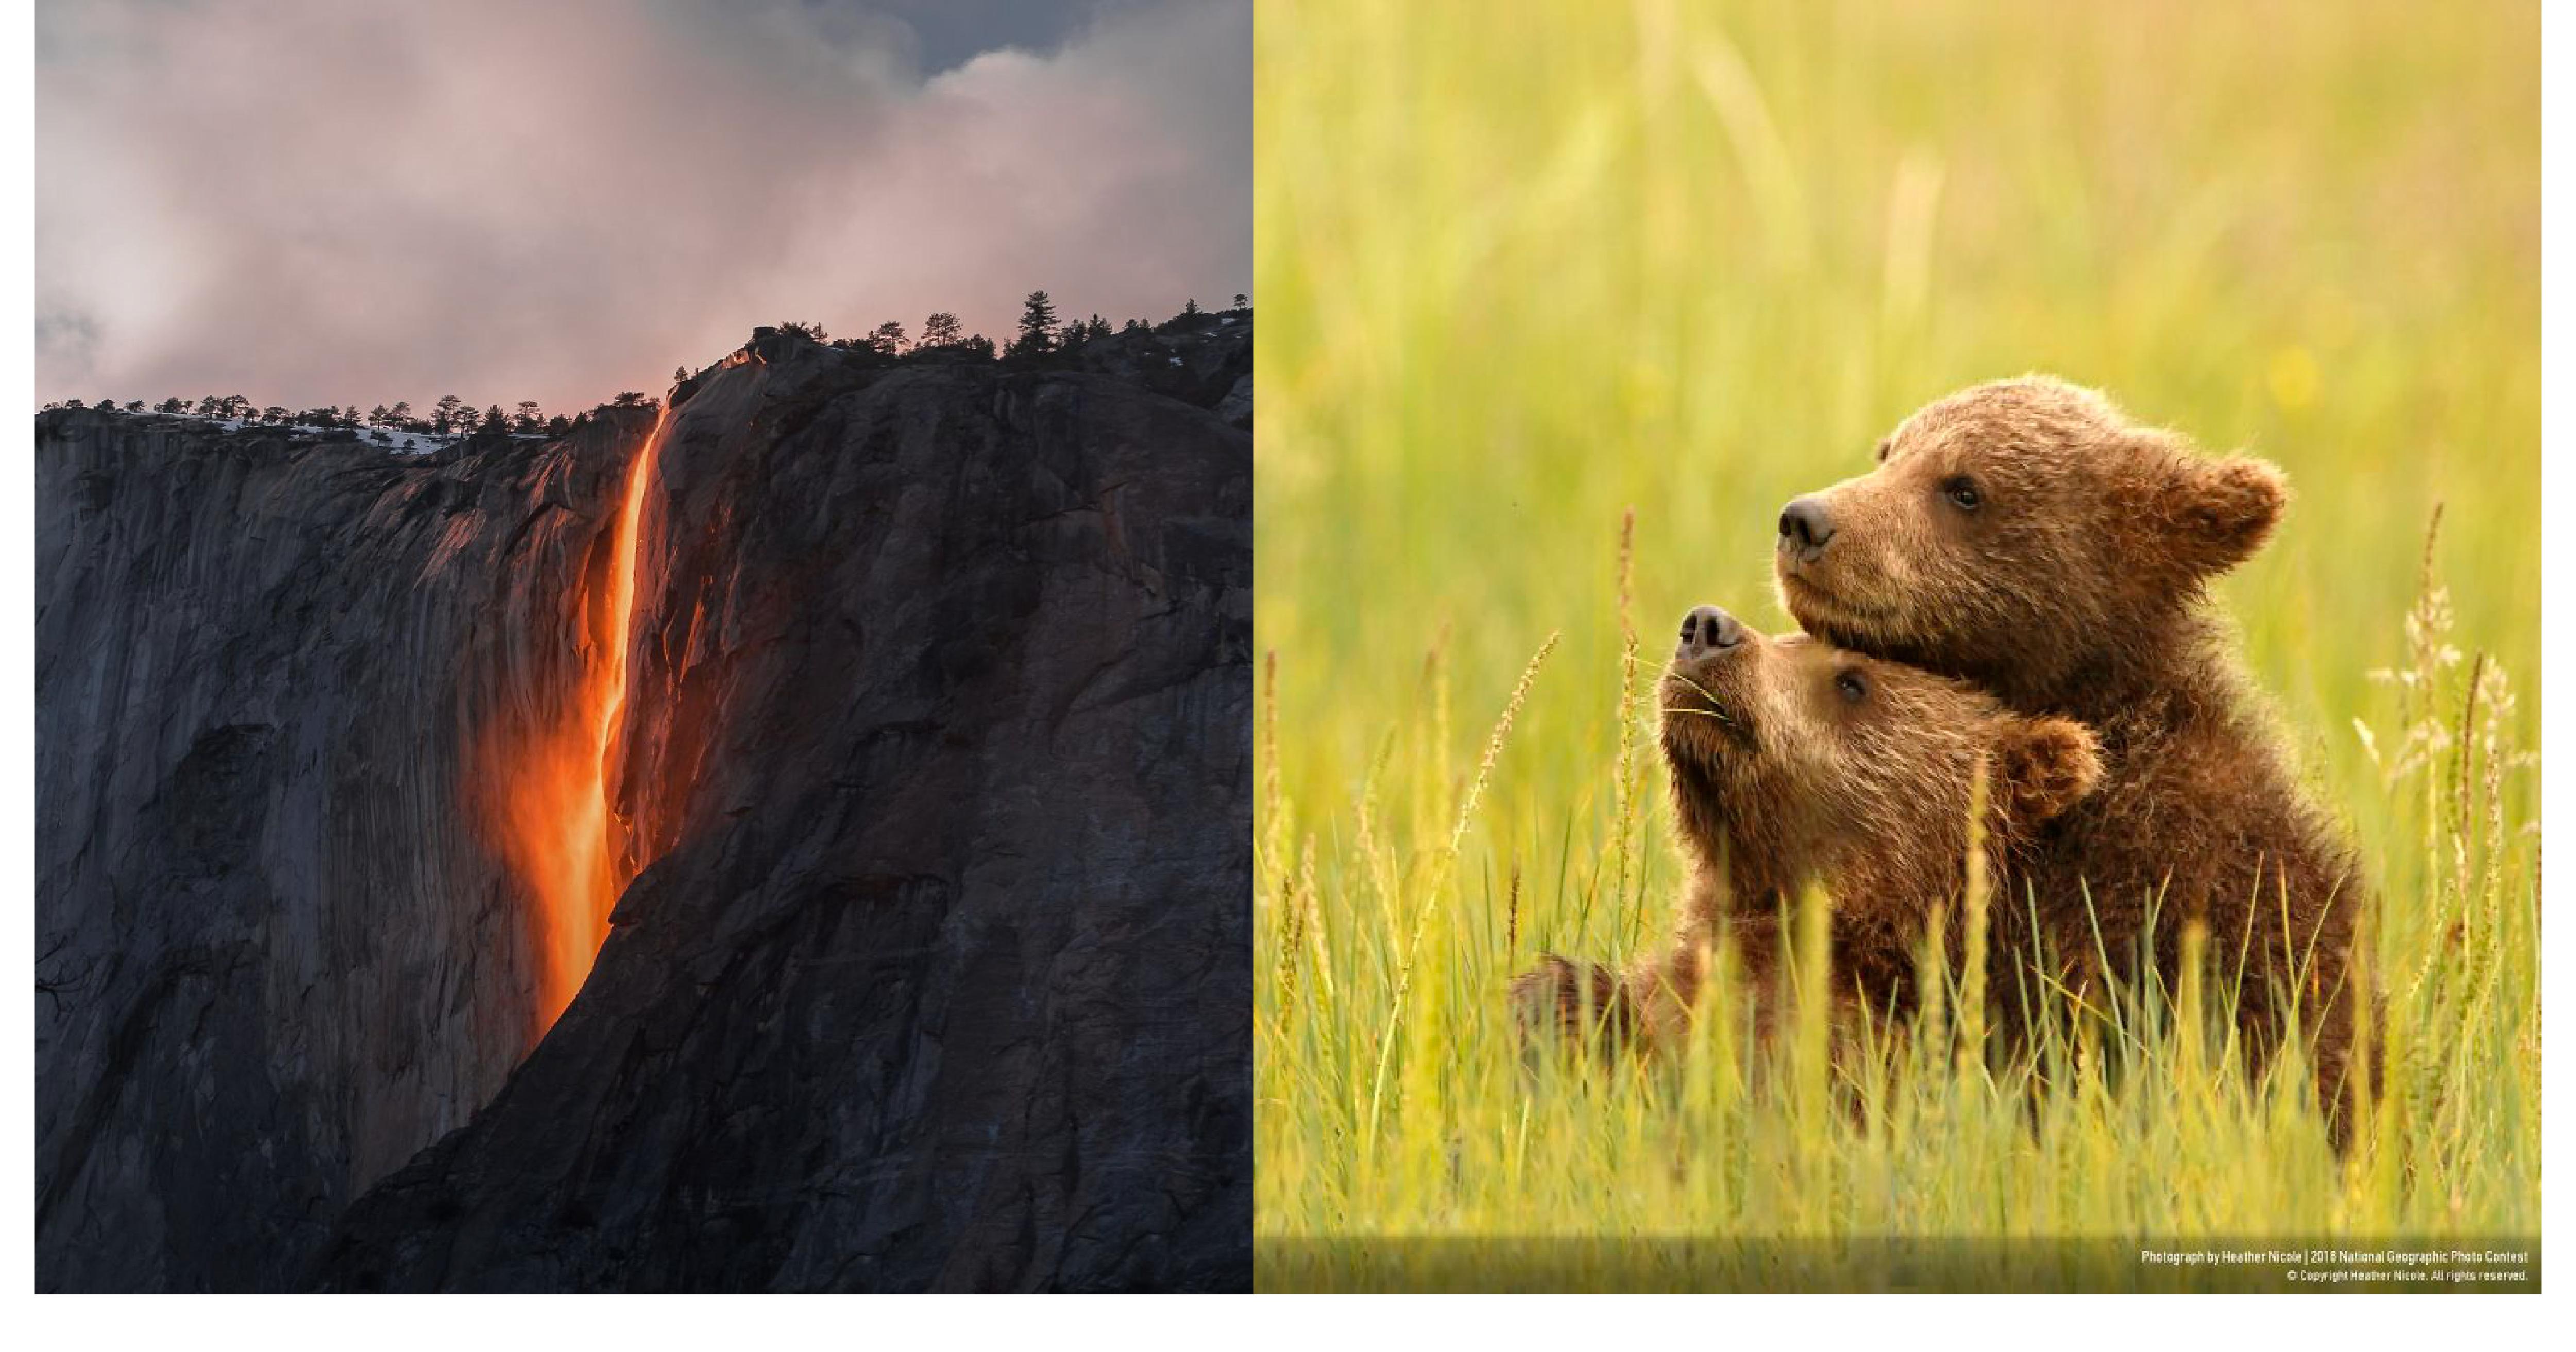 e5b081e99da2 e5b7a5e4bd9ce58d80e59f9f 1 3.png - 美到超不真實!15張獲「國家地理攝影獎」肯定的作品,網驚呼:「超震撼!」